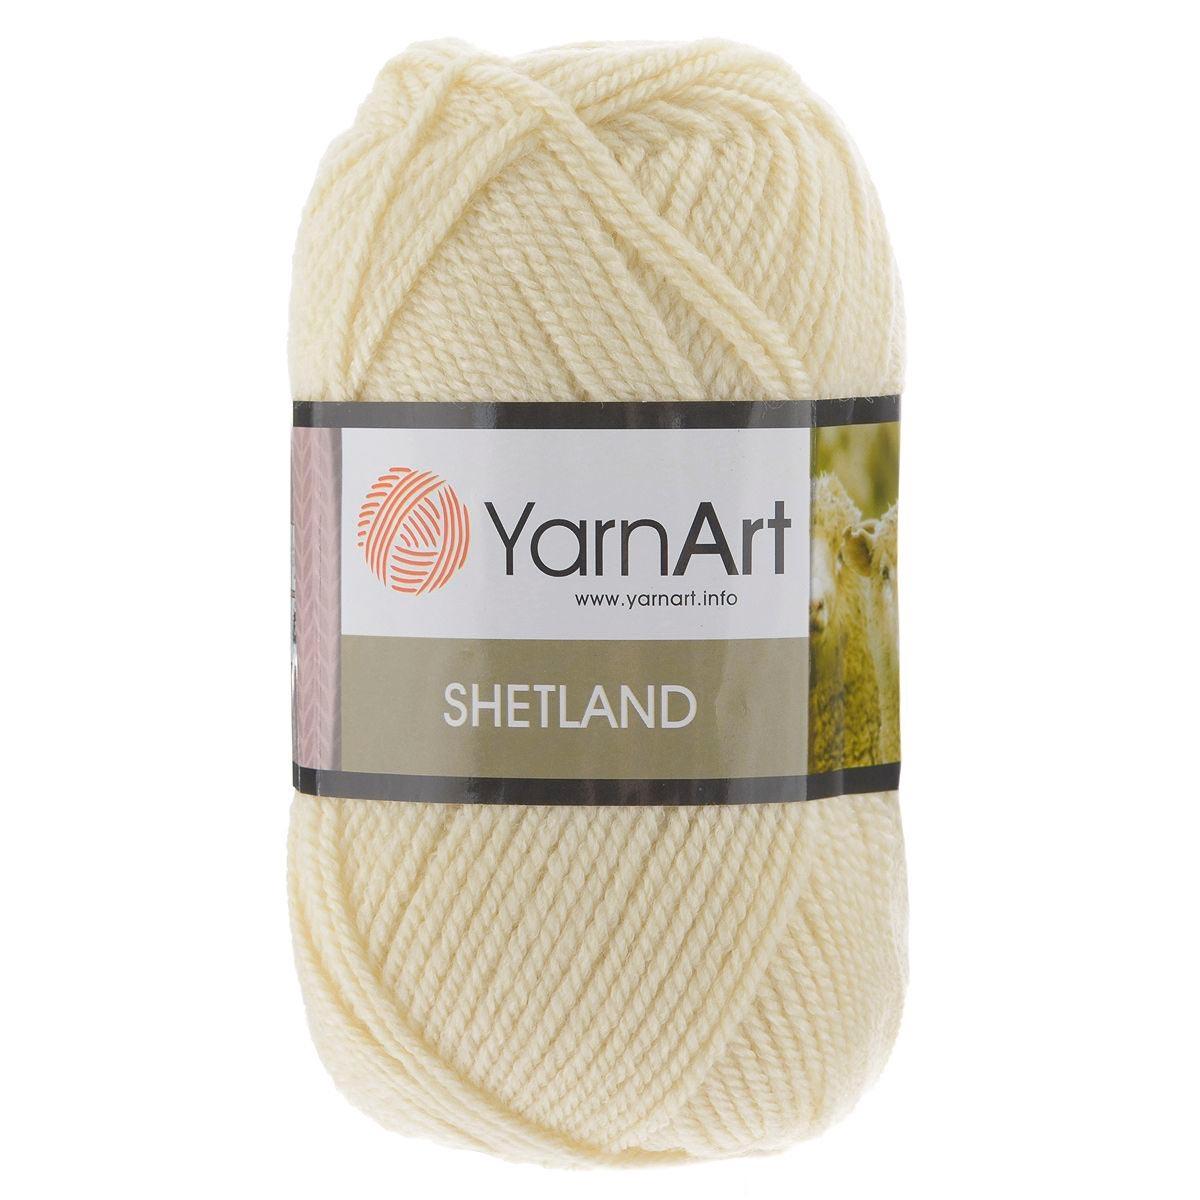 Пряжа YarnArt 'Shetland' 100гр 220м (30% шерсть, 70% акрил)